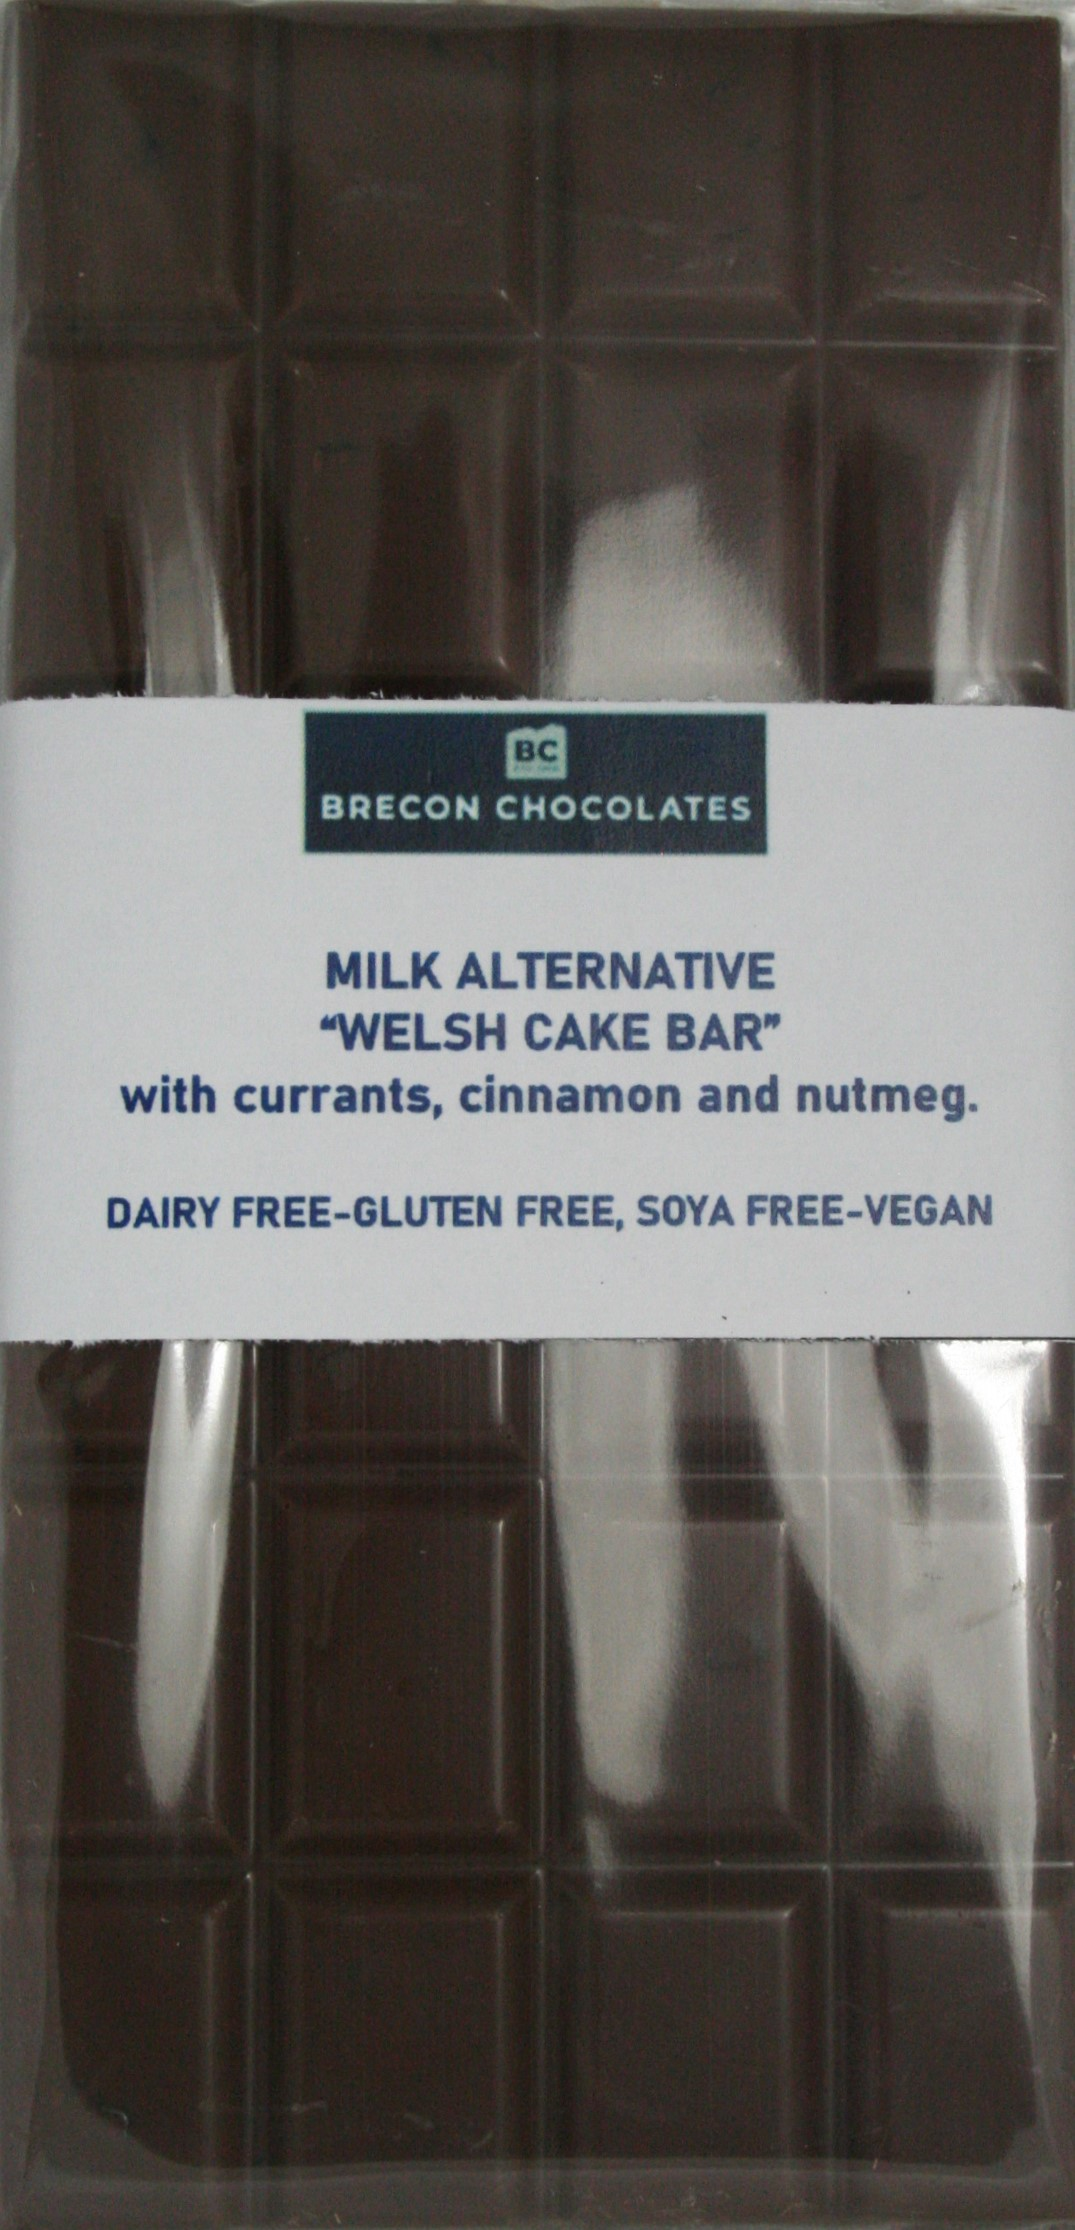 Dairy Free. Gluten Free.